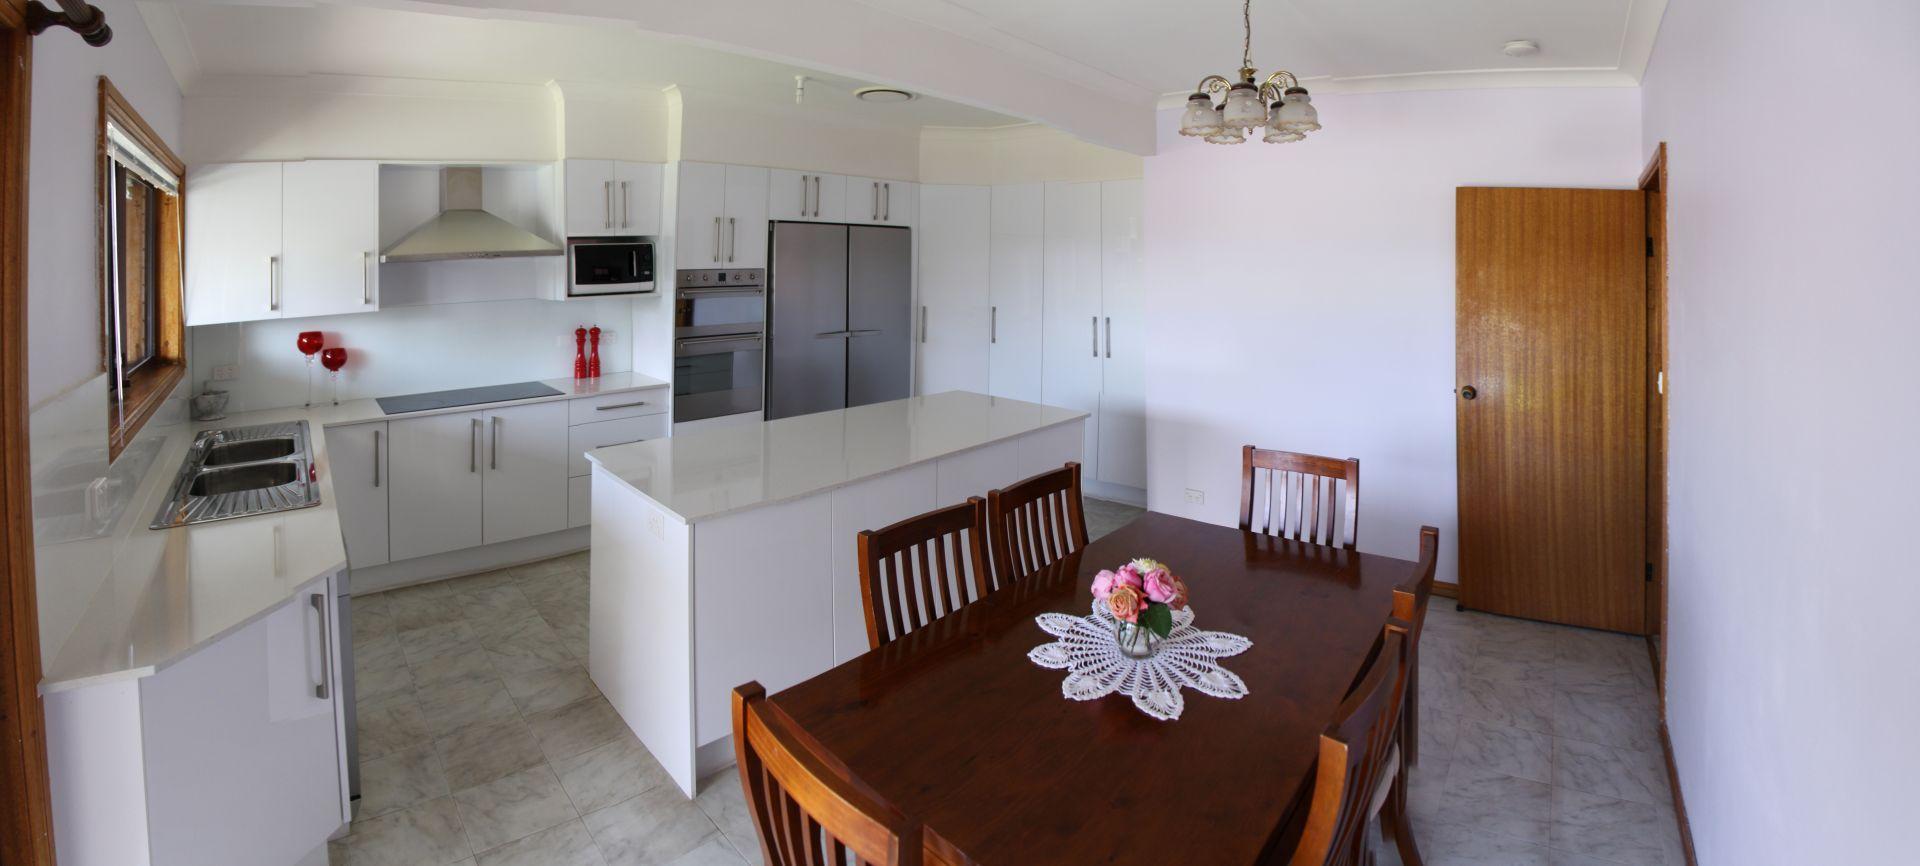 87 Luttrell St, Hobartville NSW 2753, Image 1